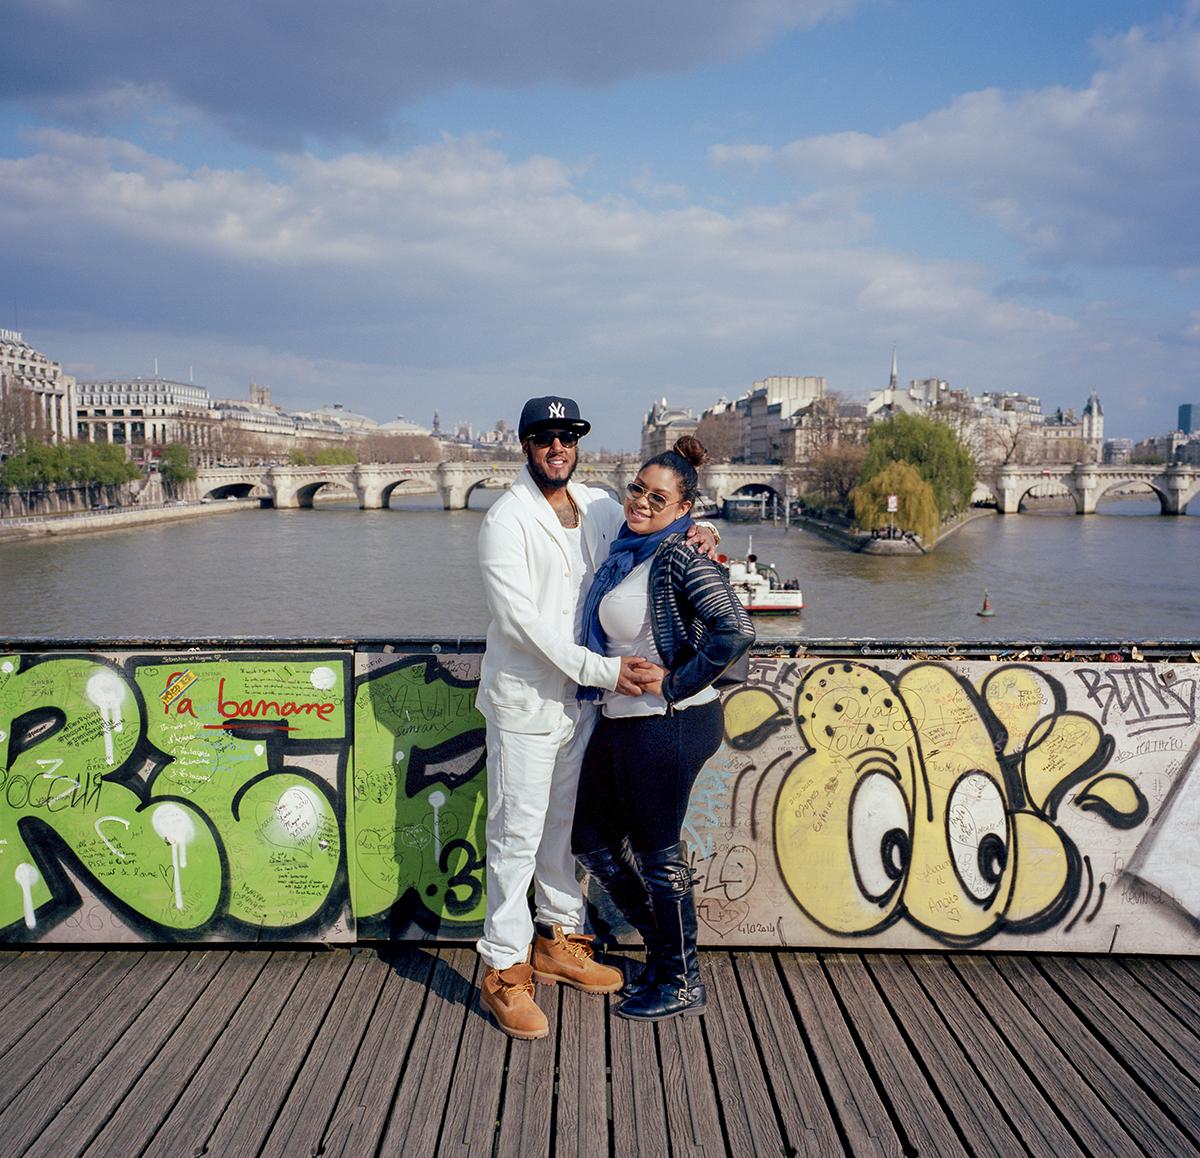 Edwin and Yo-Denise at Pont des Arts. Paris, France. April 2015.